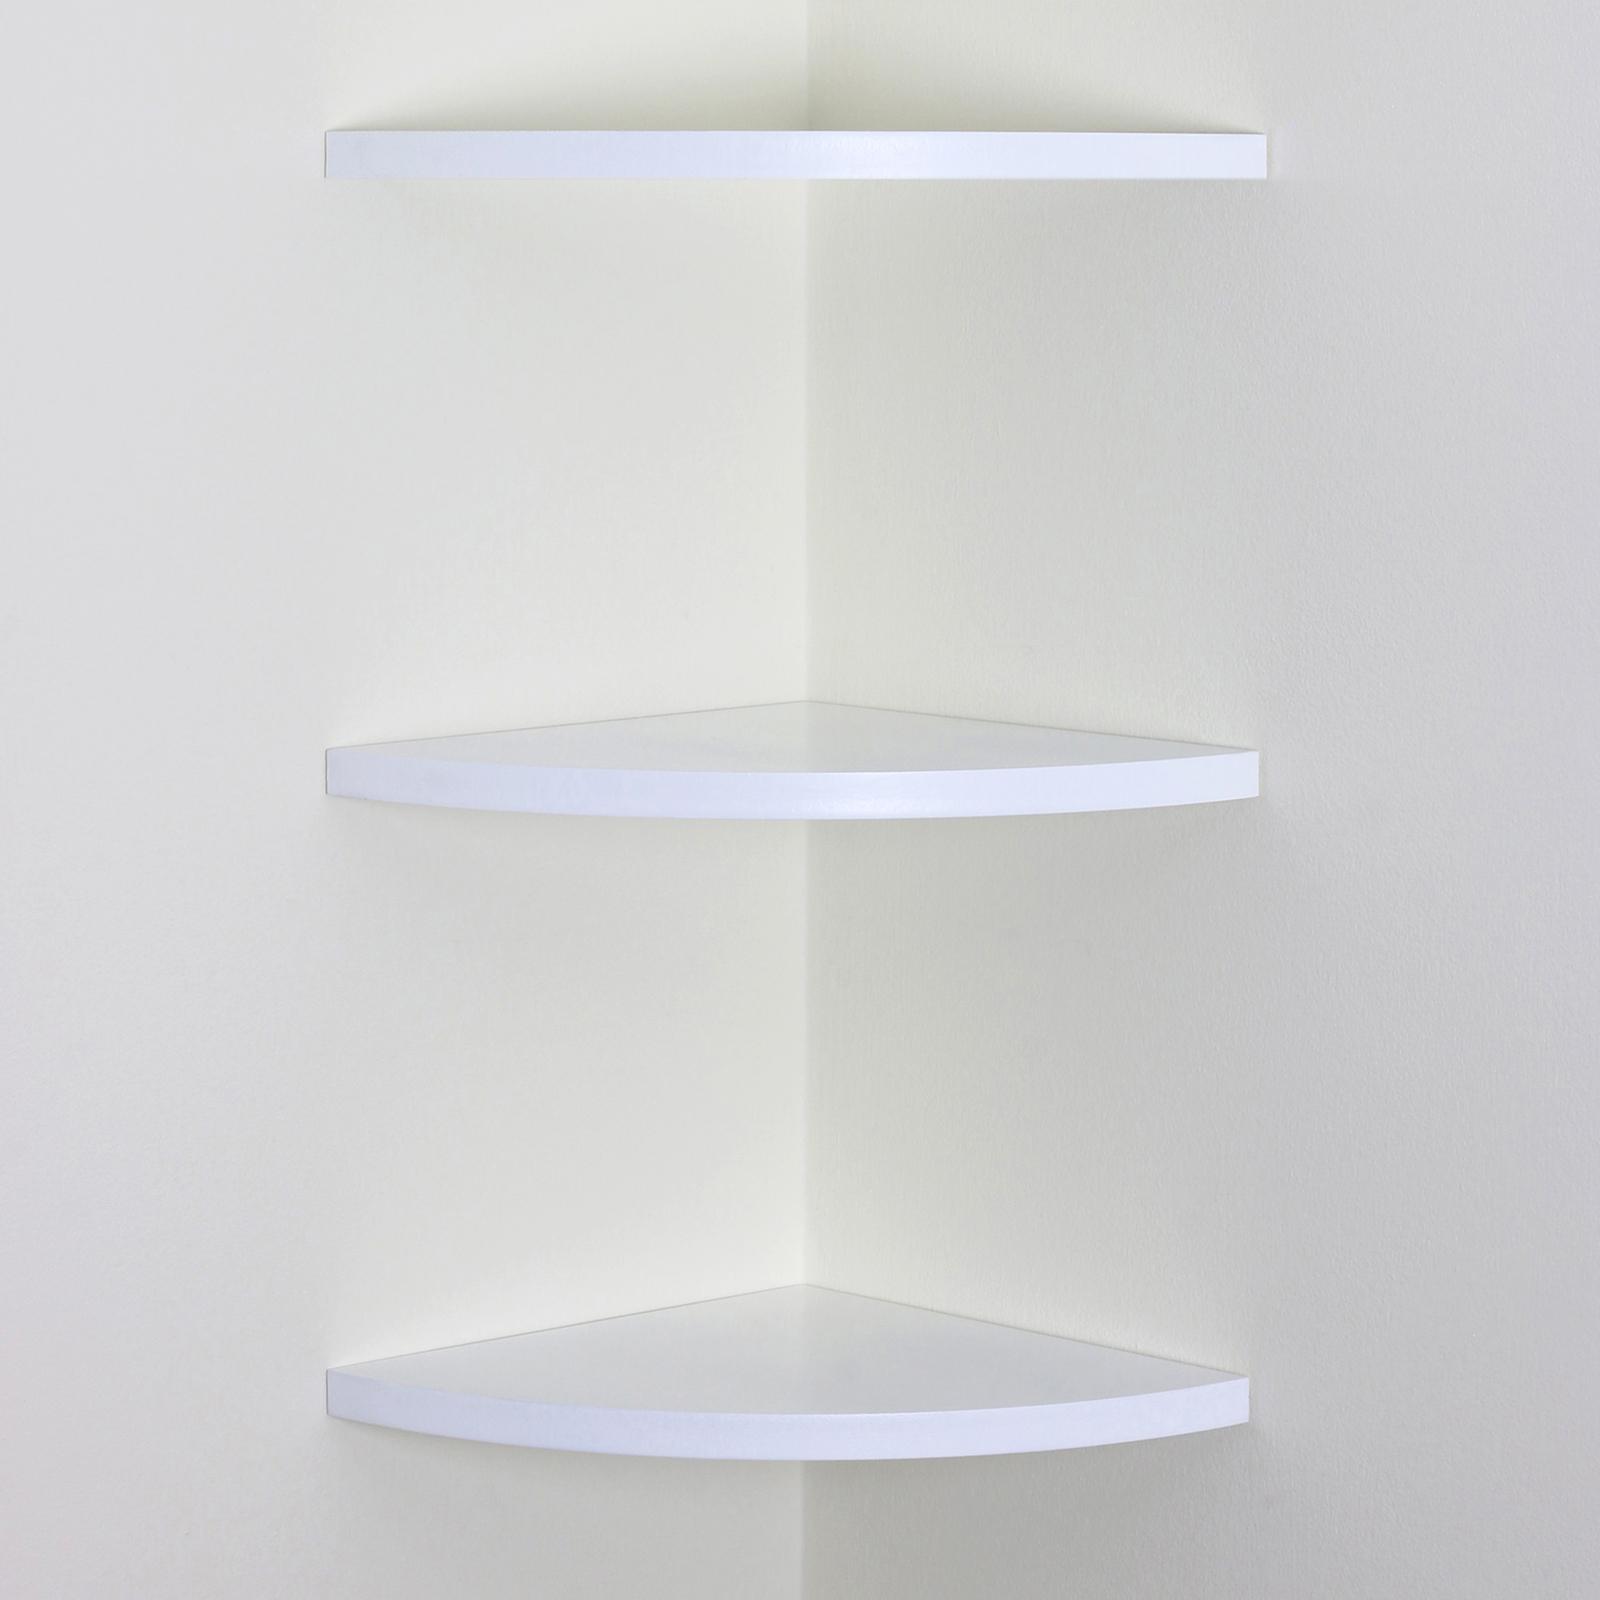 white wood curved radial floating corner wall shelf unit. Black Bedroom Furniture Sets. Home Design Ideas